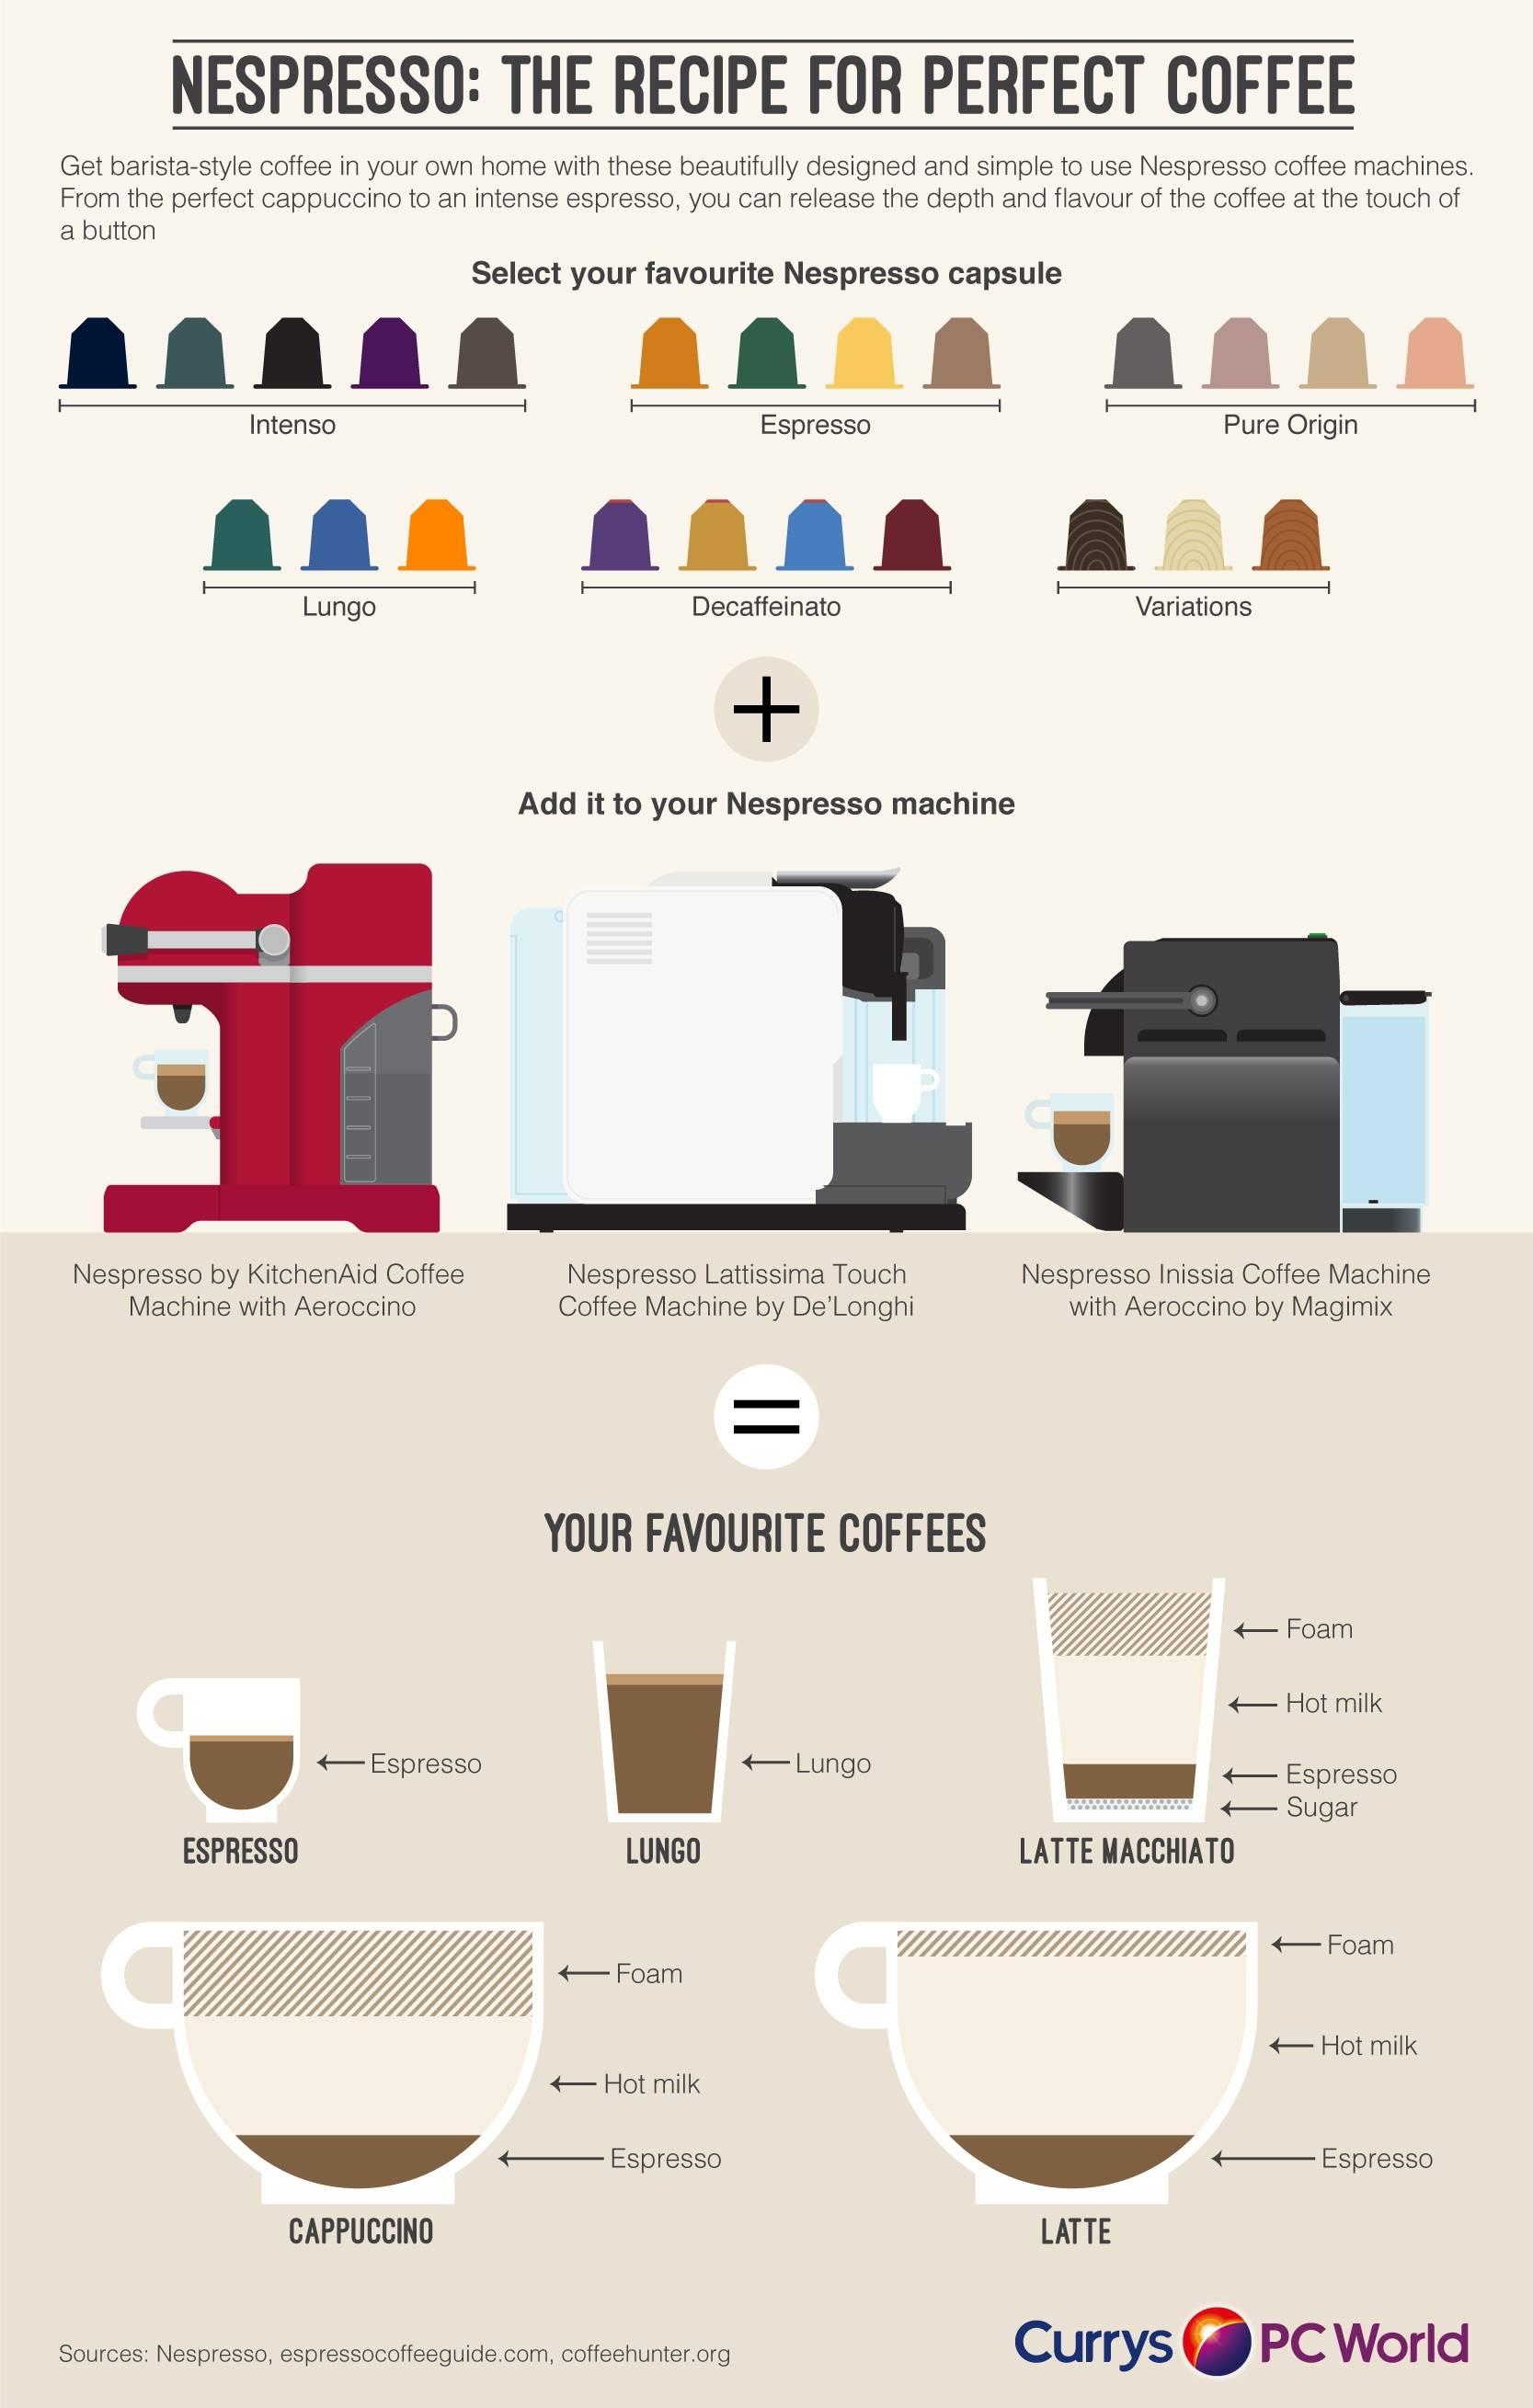 Лучшие капсулы для кофемашины nespresso описание и стоимость